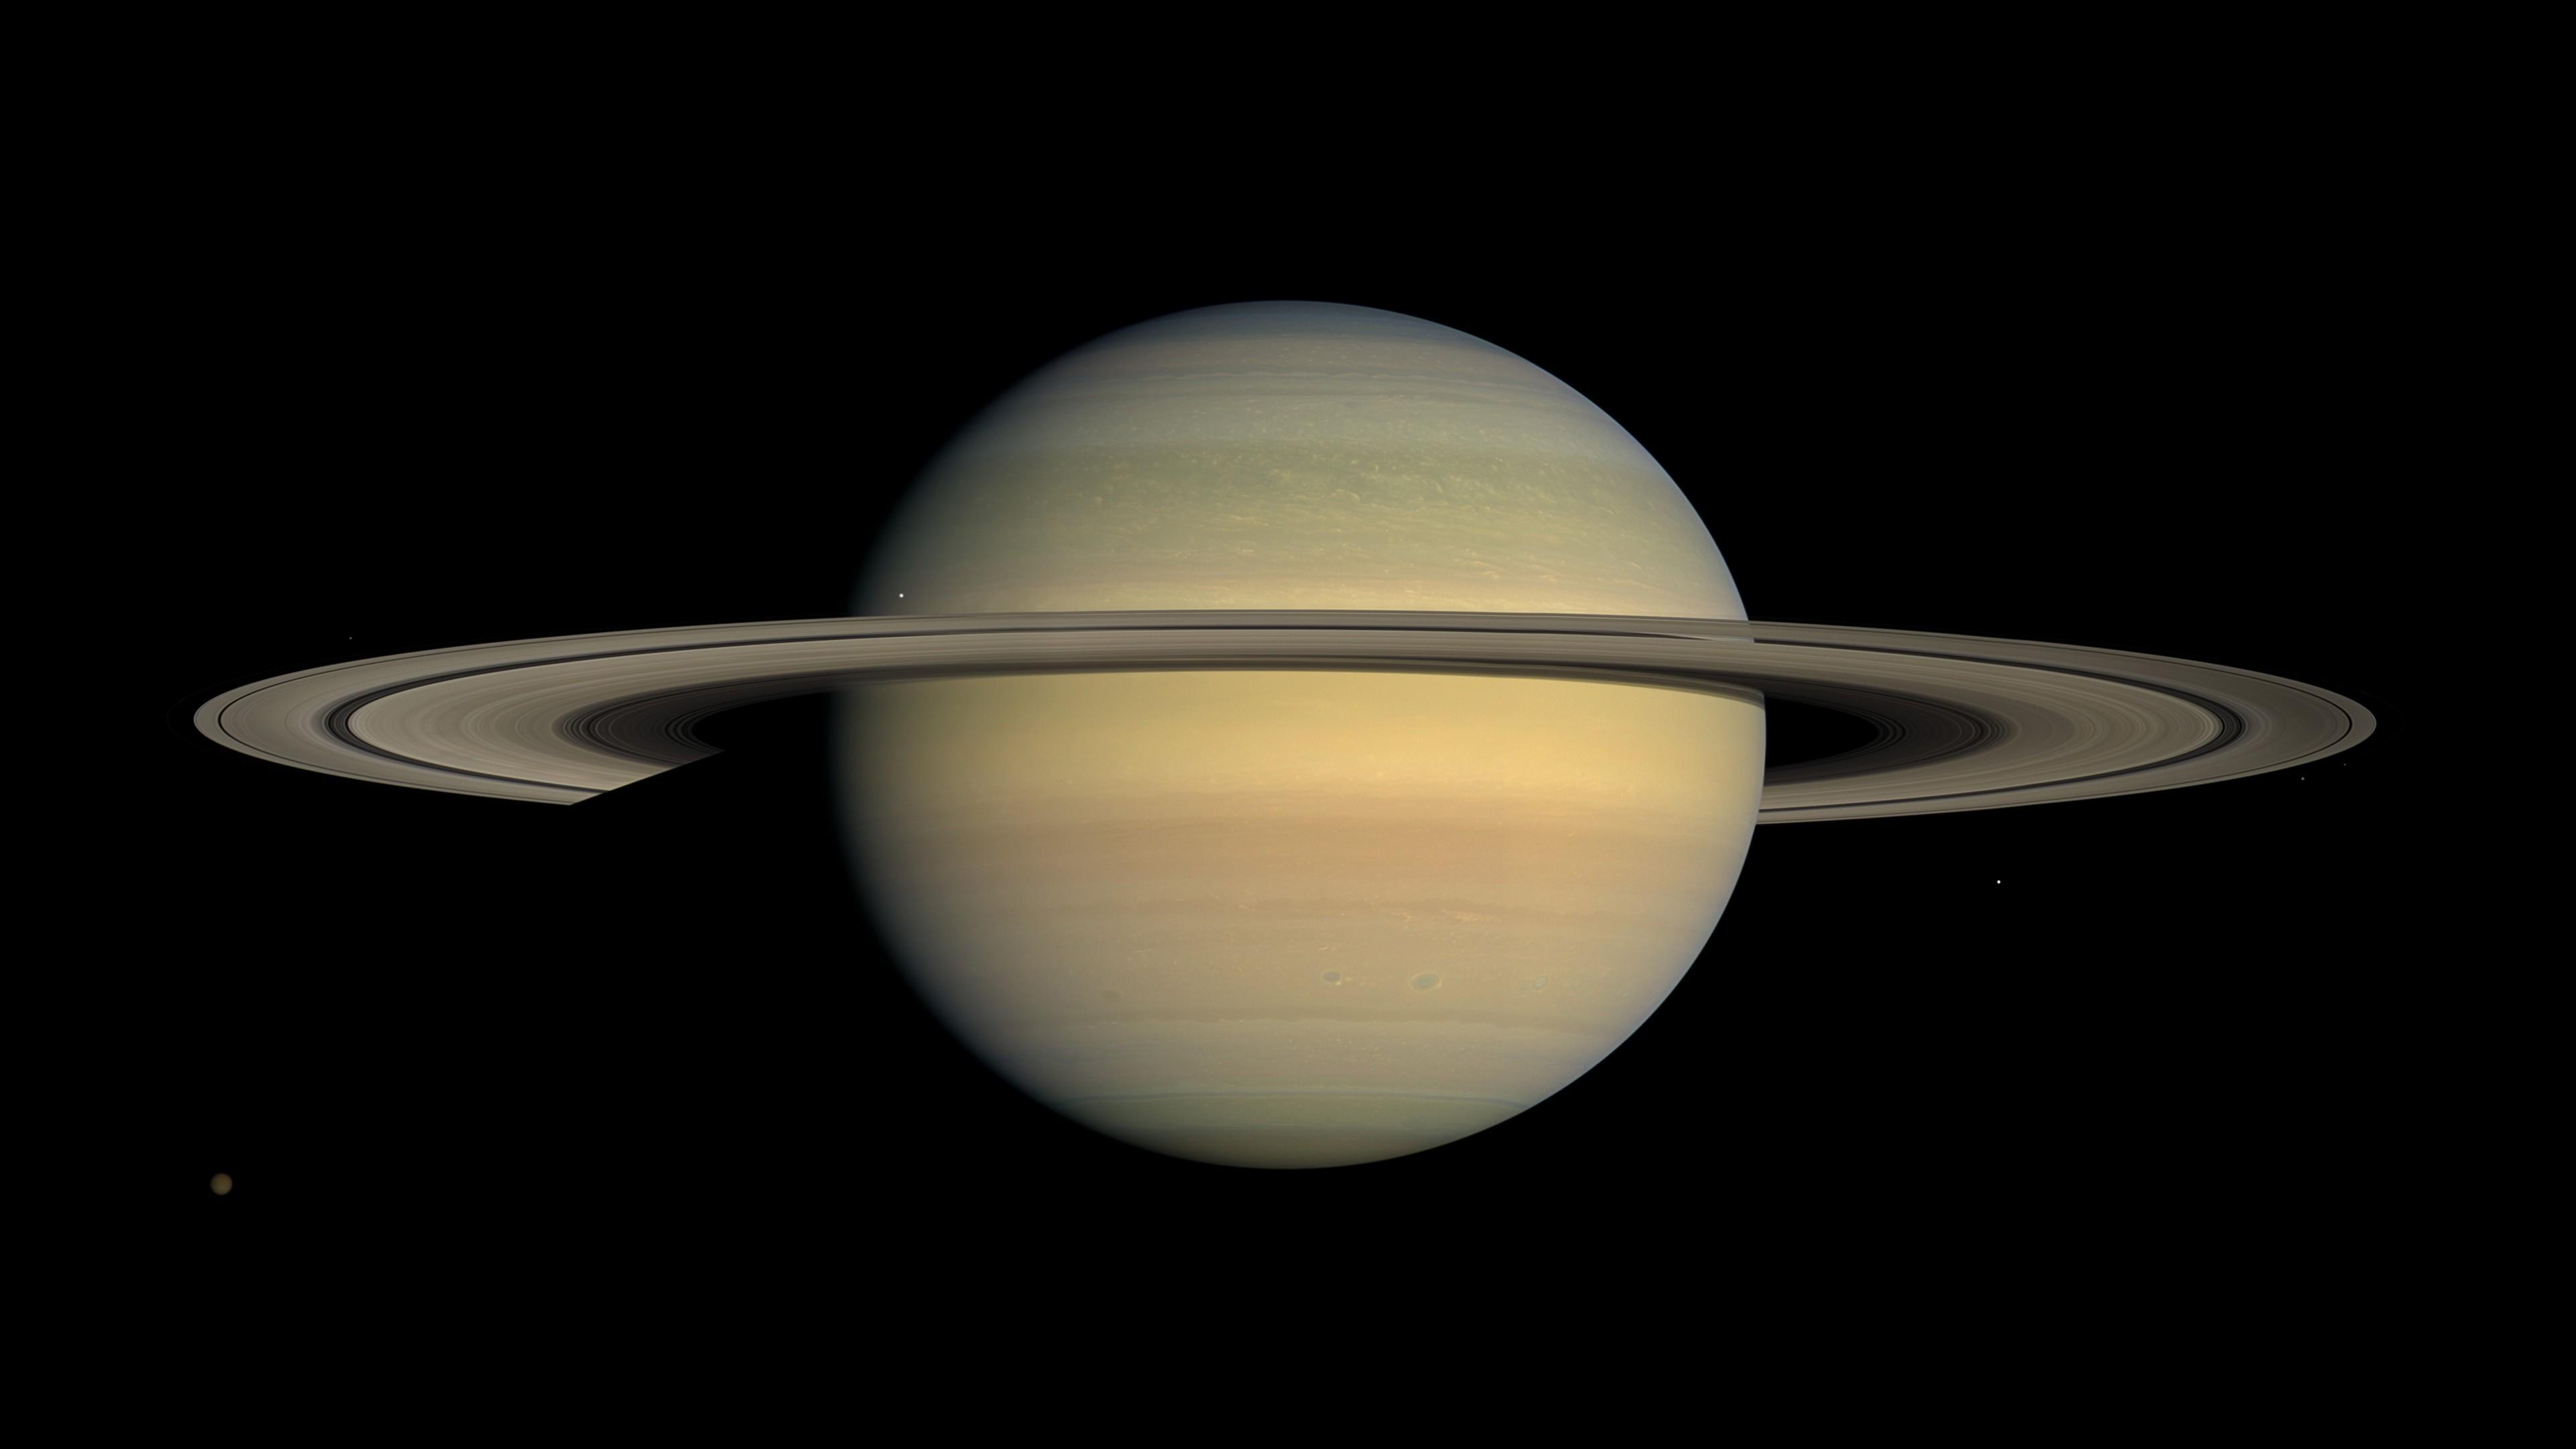 デスクトップ壁紙 惑星 スペース ミニマリズム 球 サークル 土星 光 点灯 形状 天体 照明器具 3840x2160 Hanako 72994 デスクトップ壁紙 Wallhere